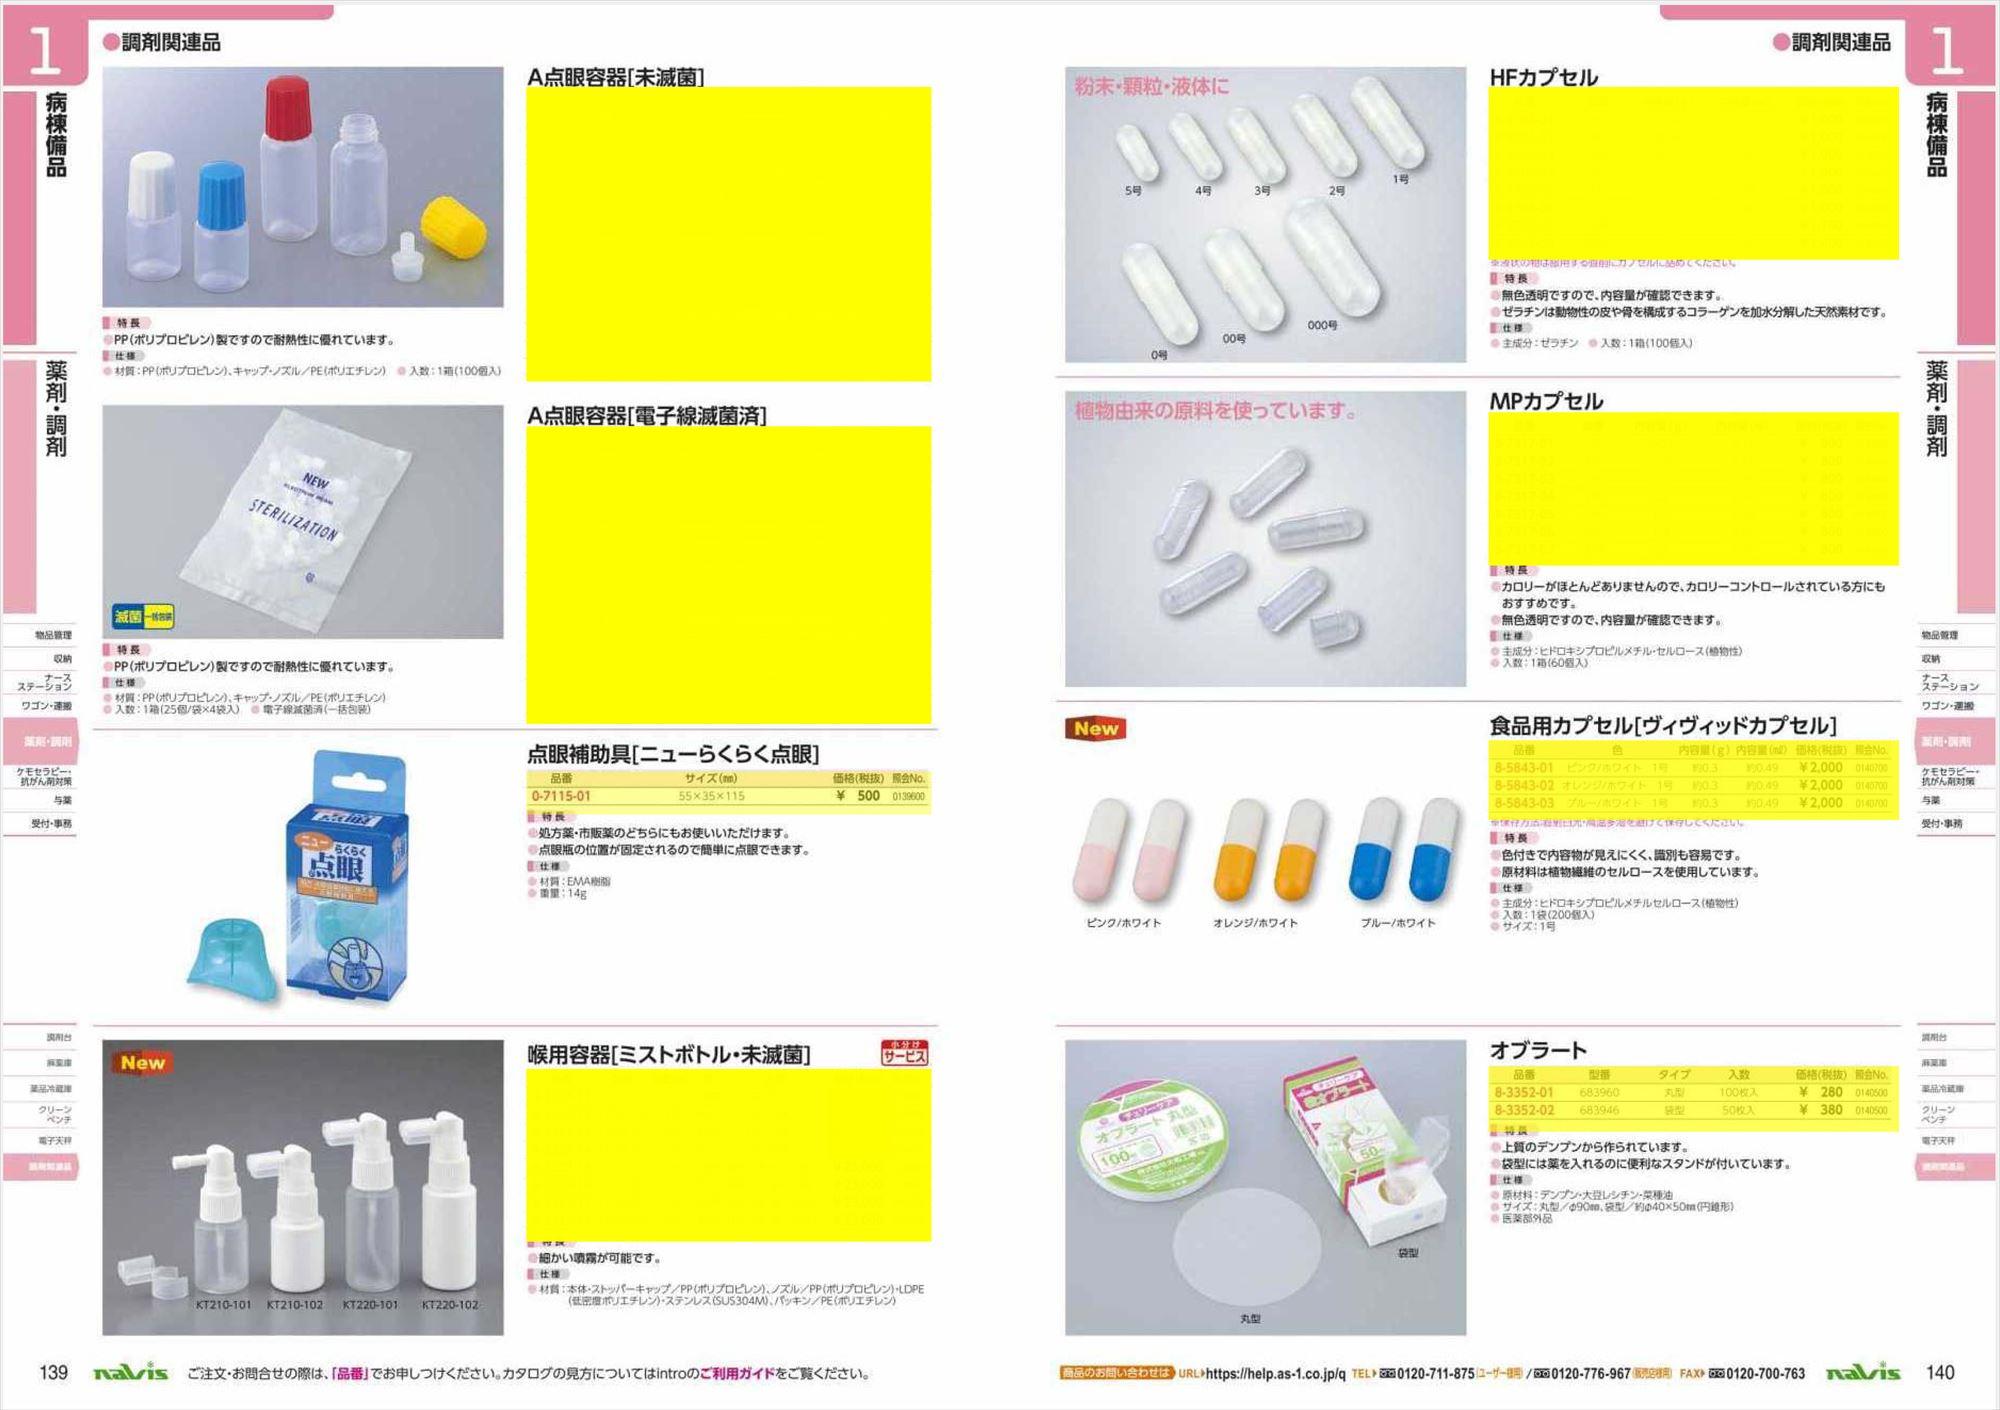 ナビス30000 8-5843-01 食品用カプセル ピンク/ホワイト 1号 ショクヒンヨウカプセル ピンク/ホワイト 1ゴウ XJ130285 [袋]